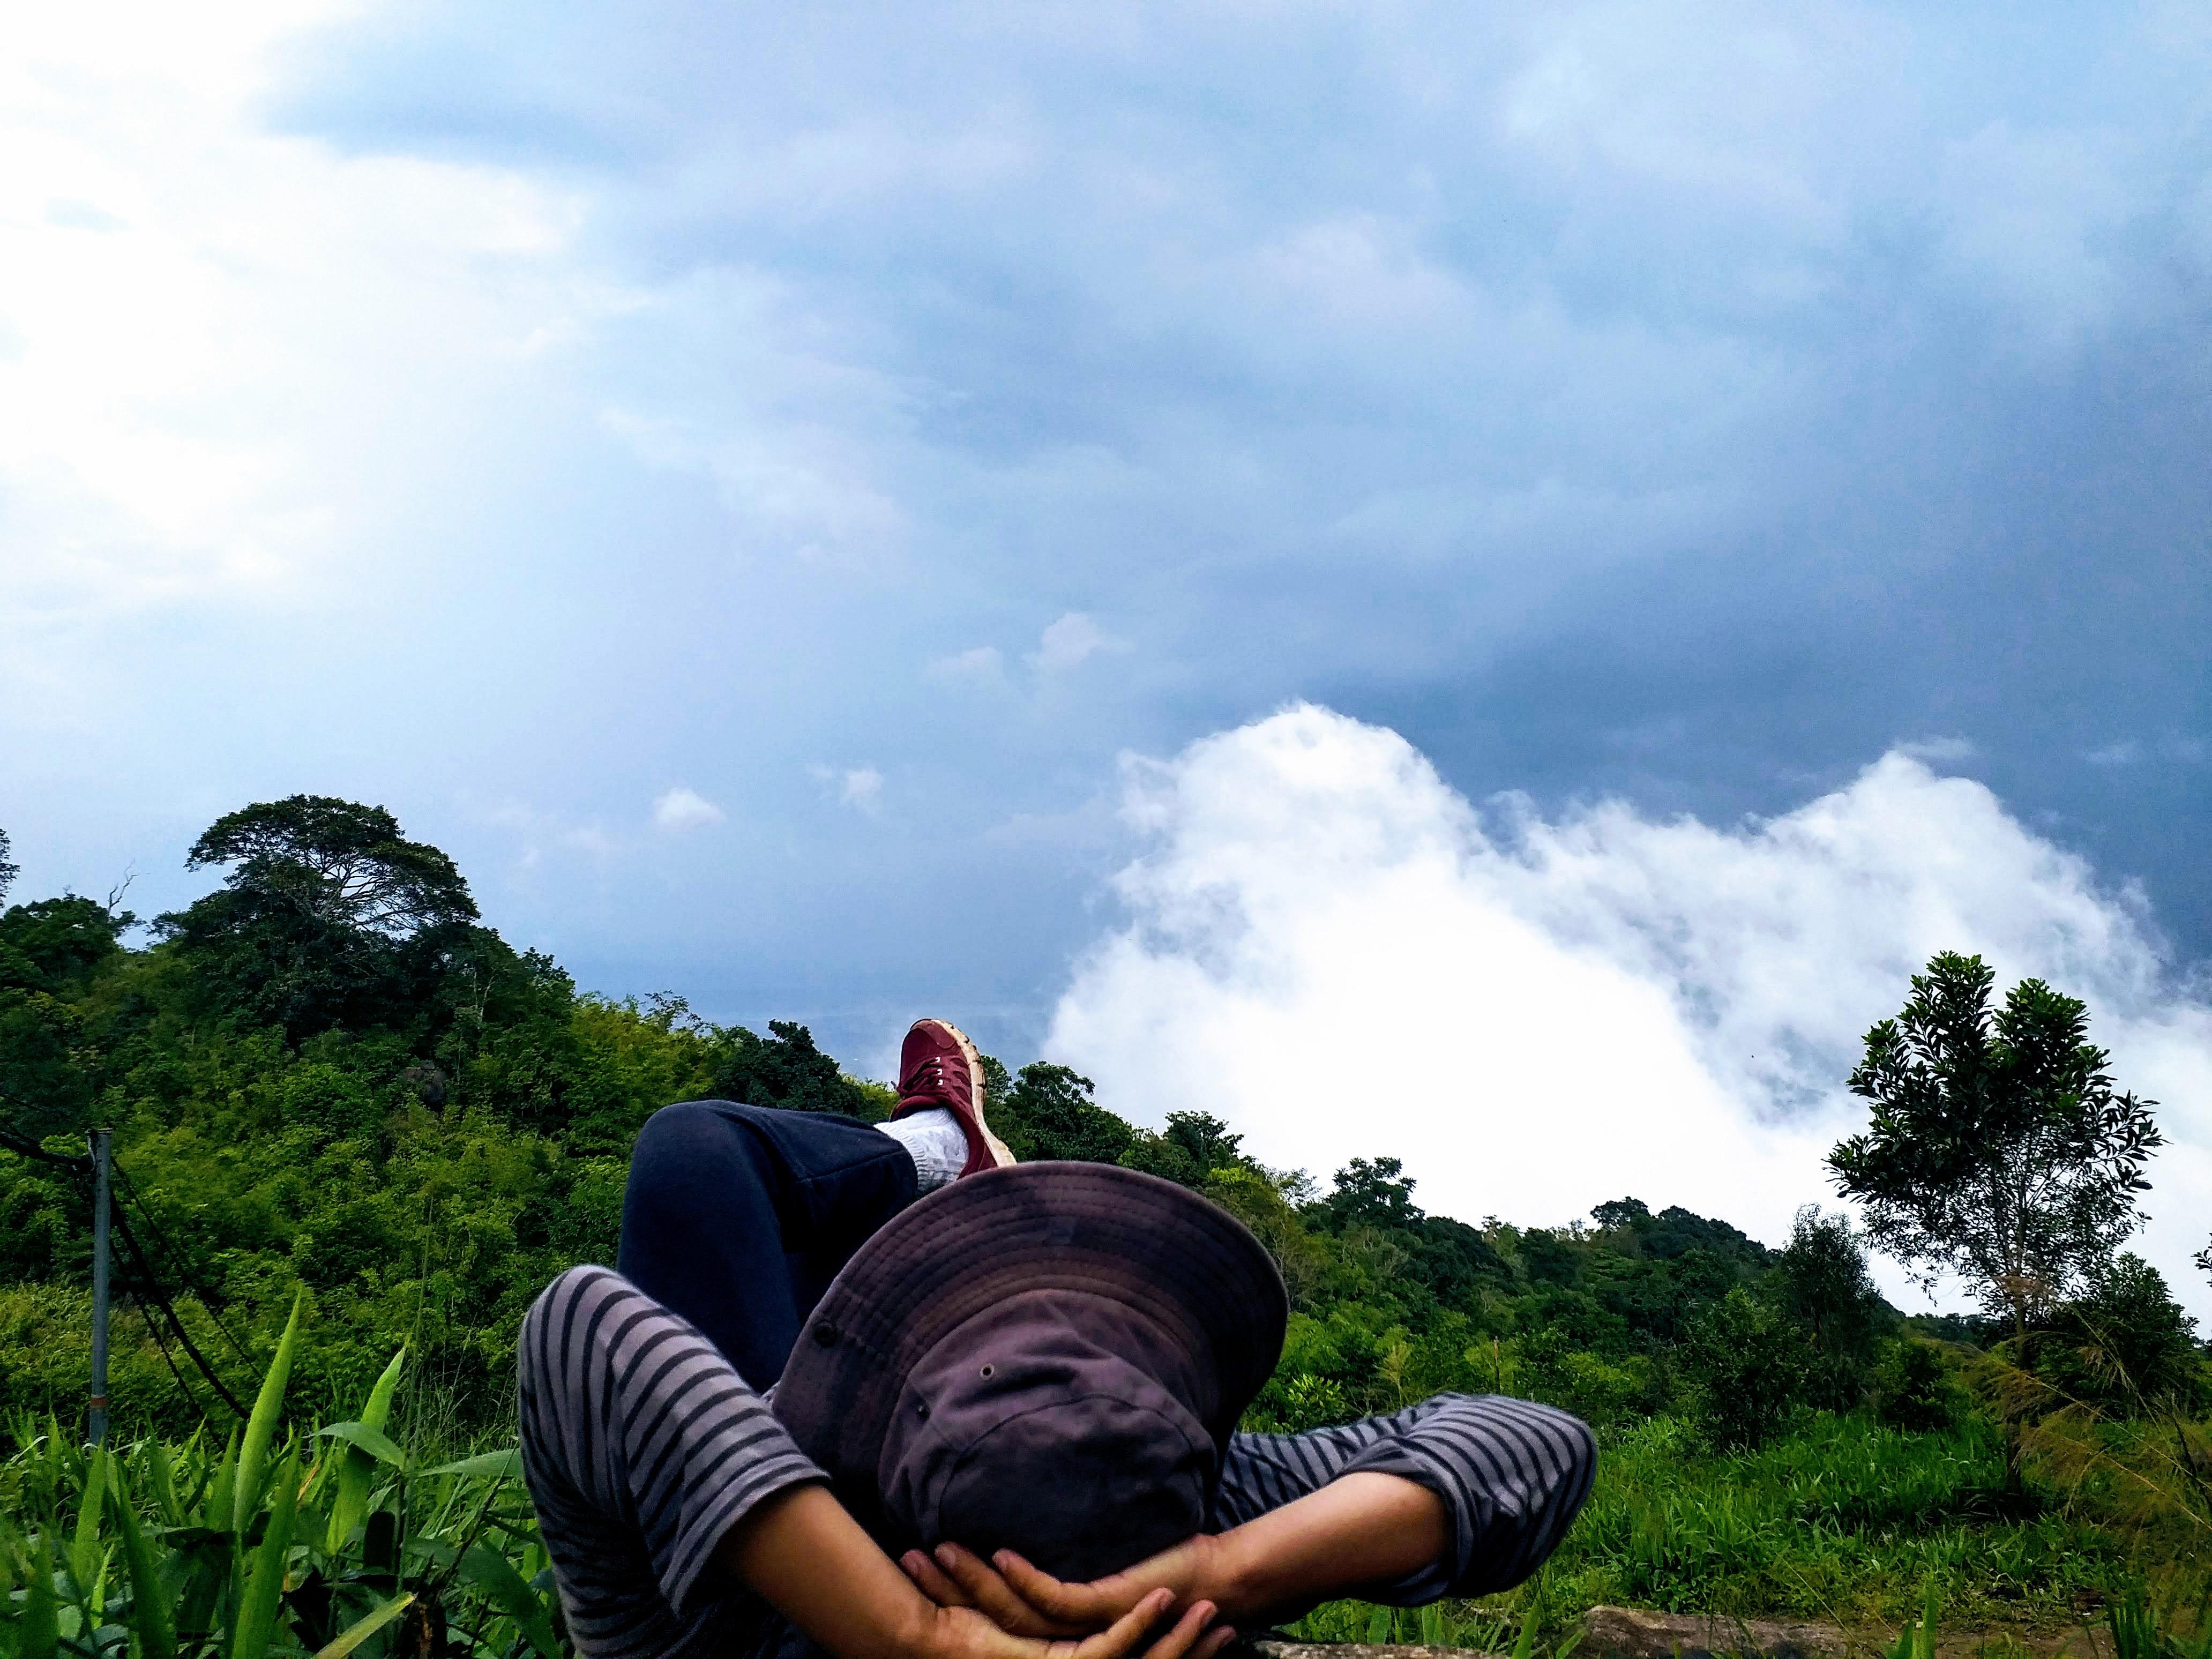 Bạn tôi thong dong nằm ngó mây sà về đỉnh núi Chứa Chan